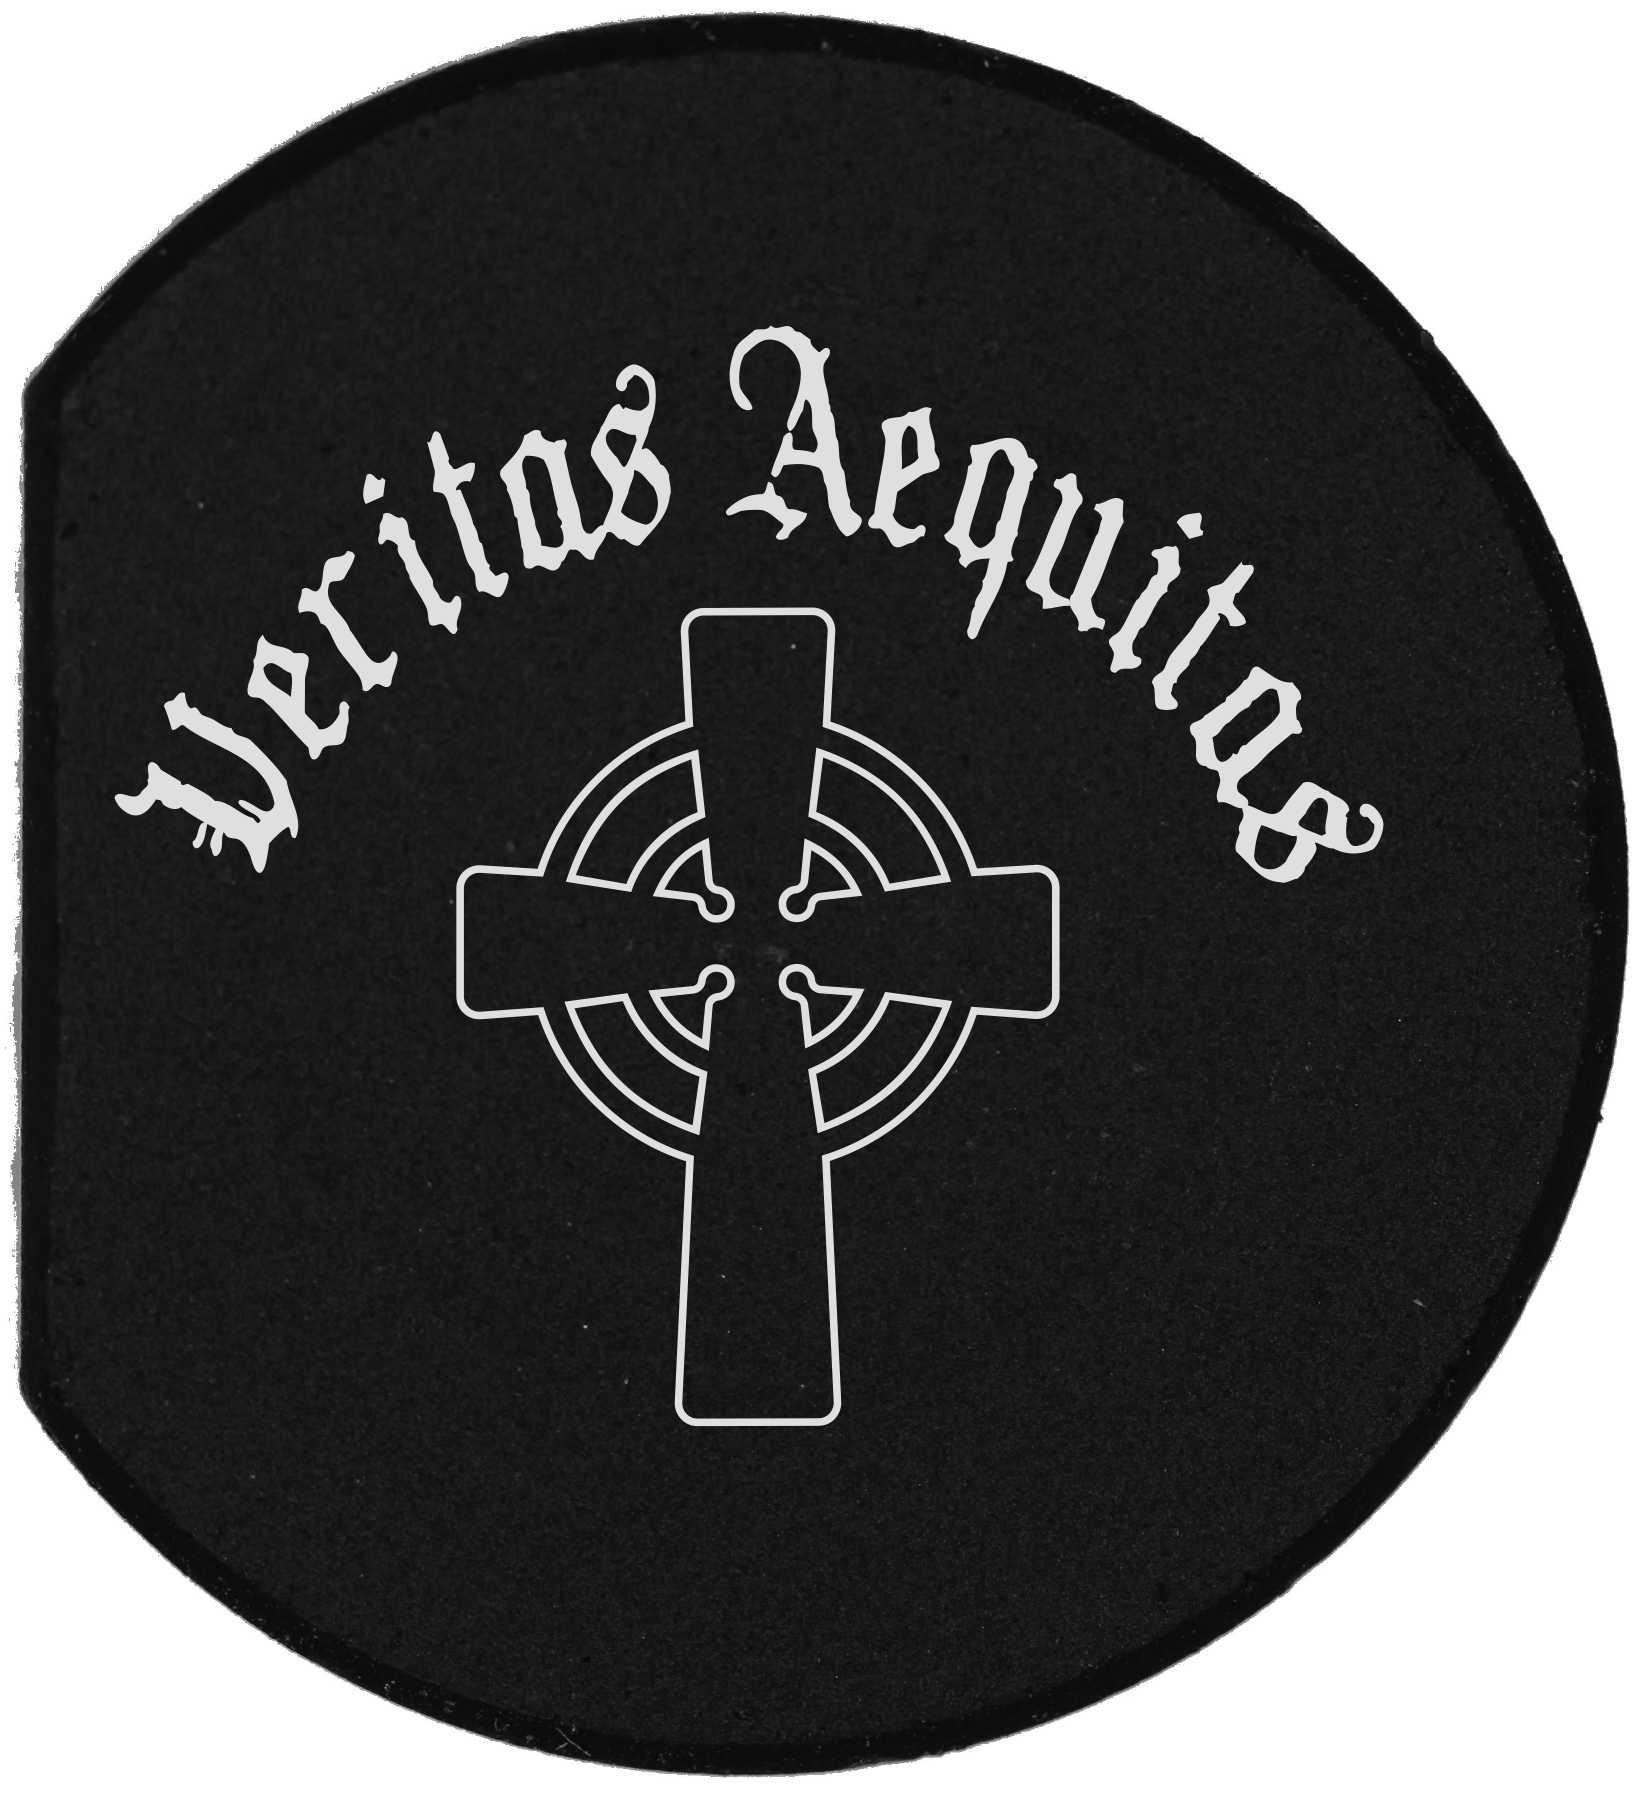 Forward Assist Cap - Veritas Aequitas Large Cross